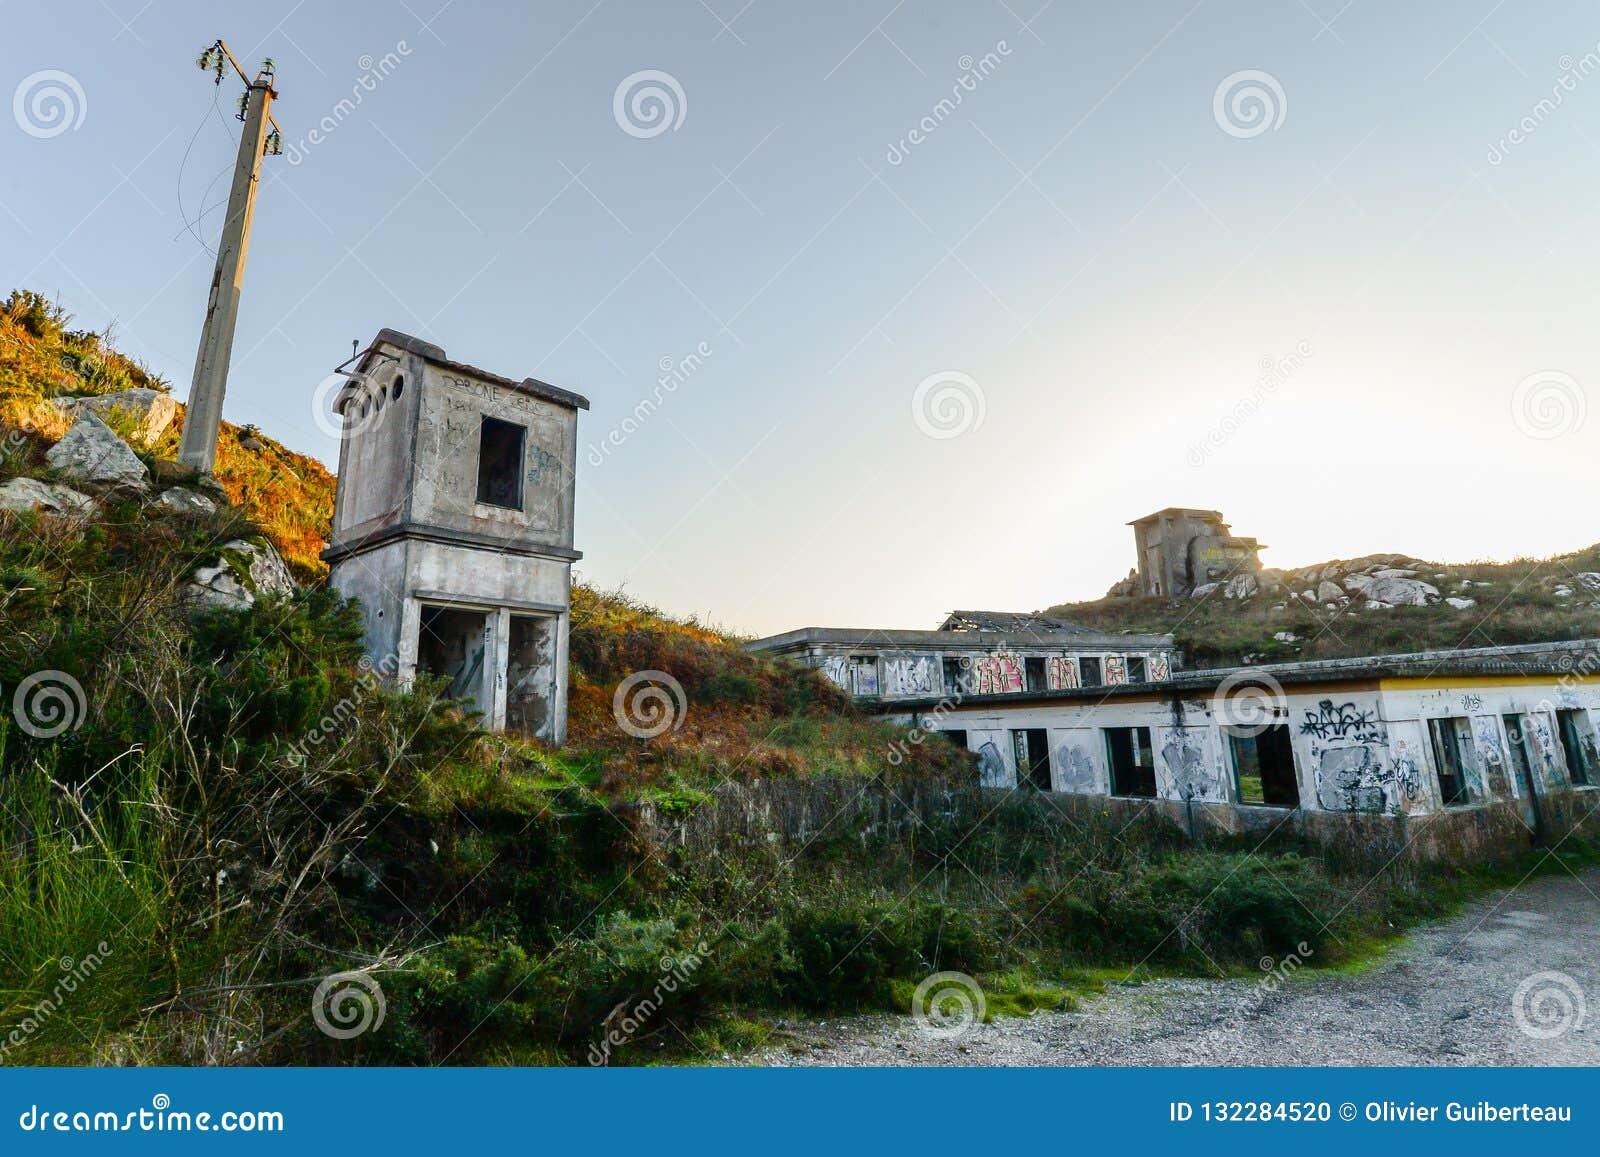 Stara militarna baza - Baiona